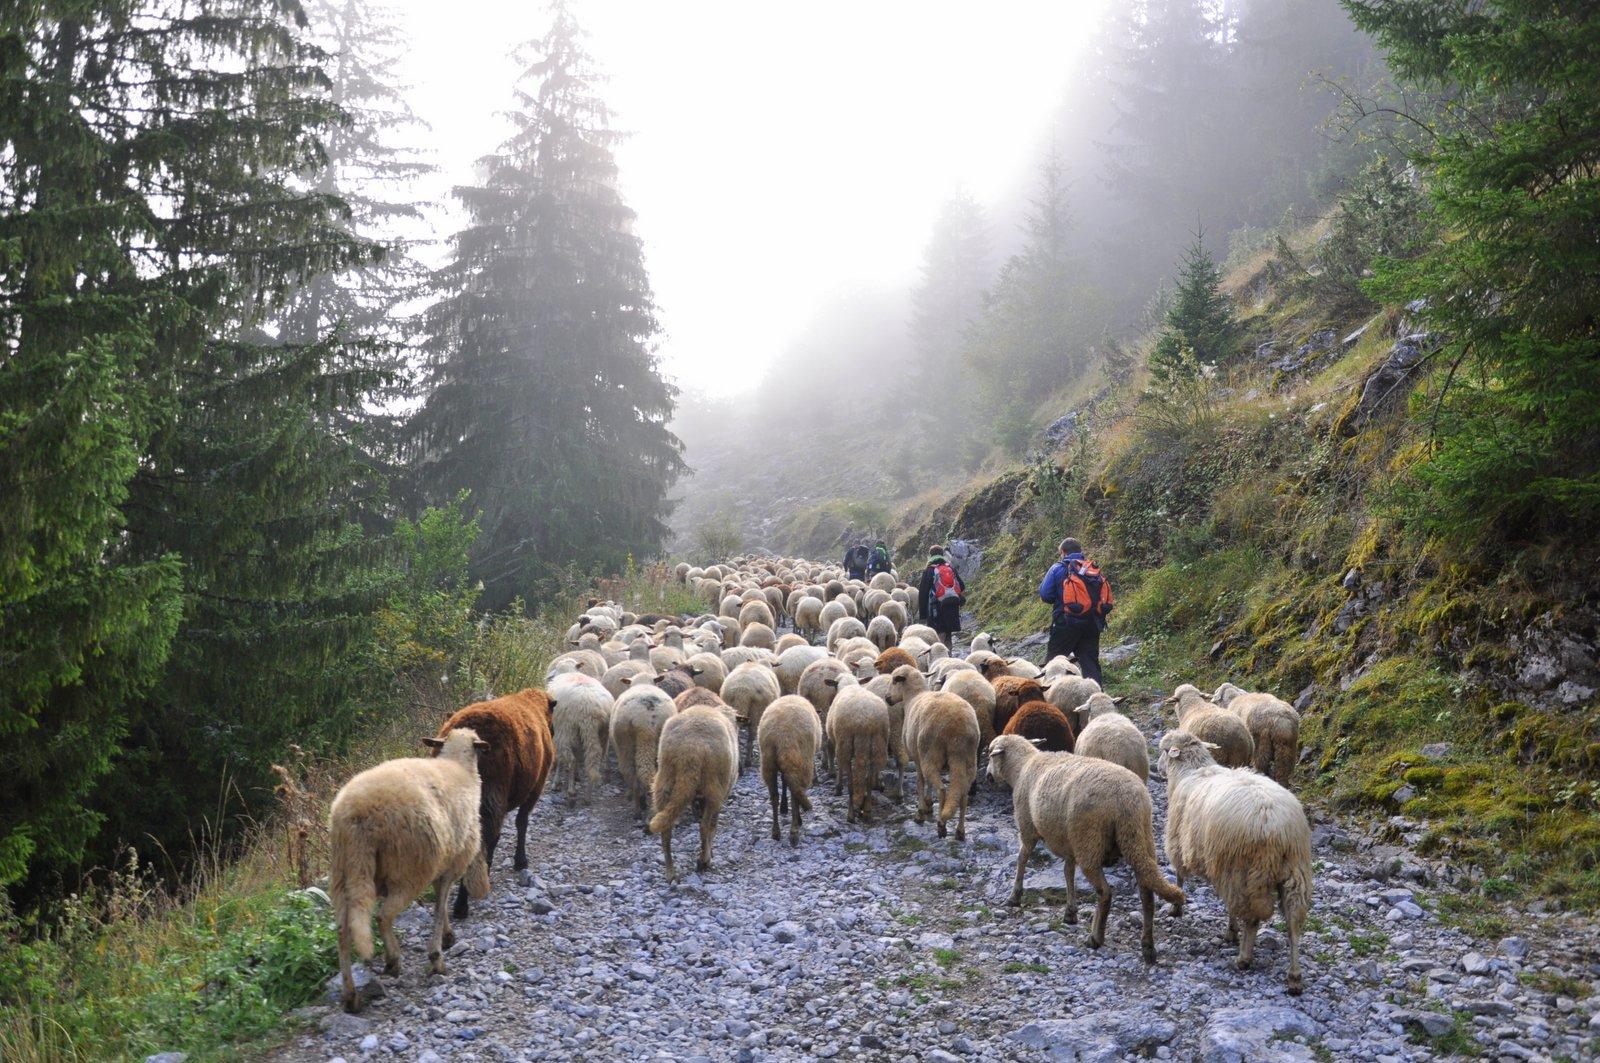 randonne-pied-bulgarie-moutons